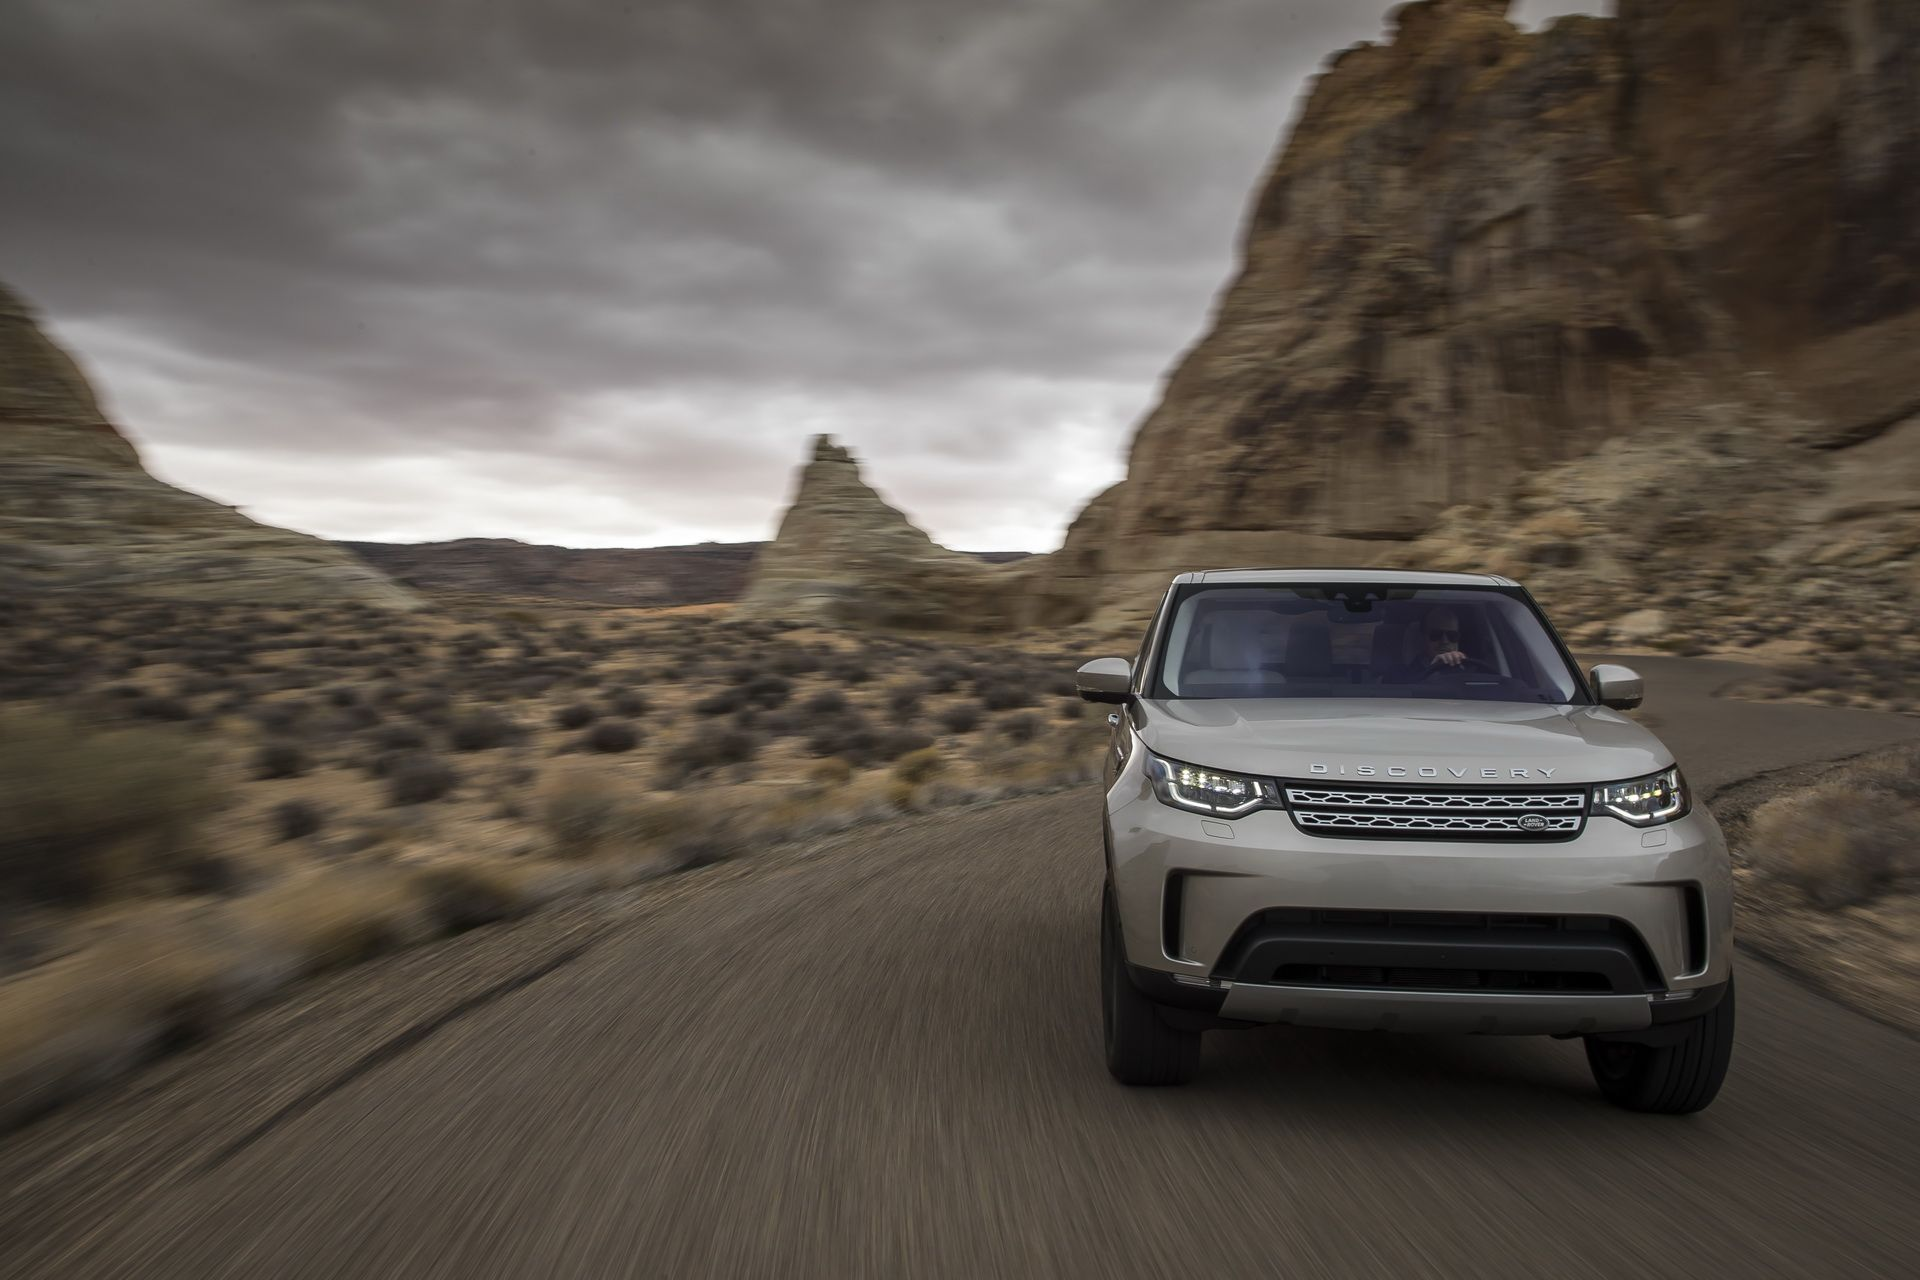 El nuevo motor SDV6 diésel de 306 CV llega al Land Rover Discovery